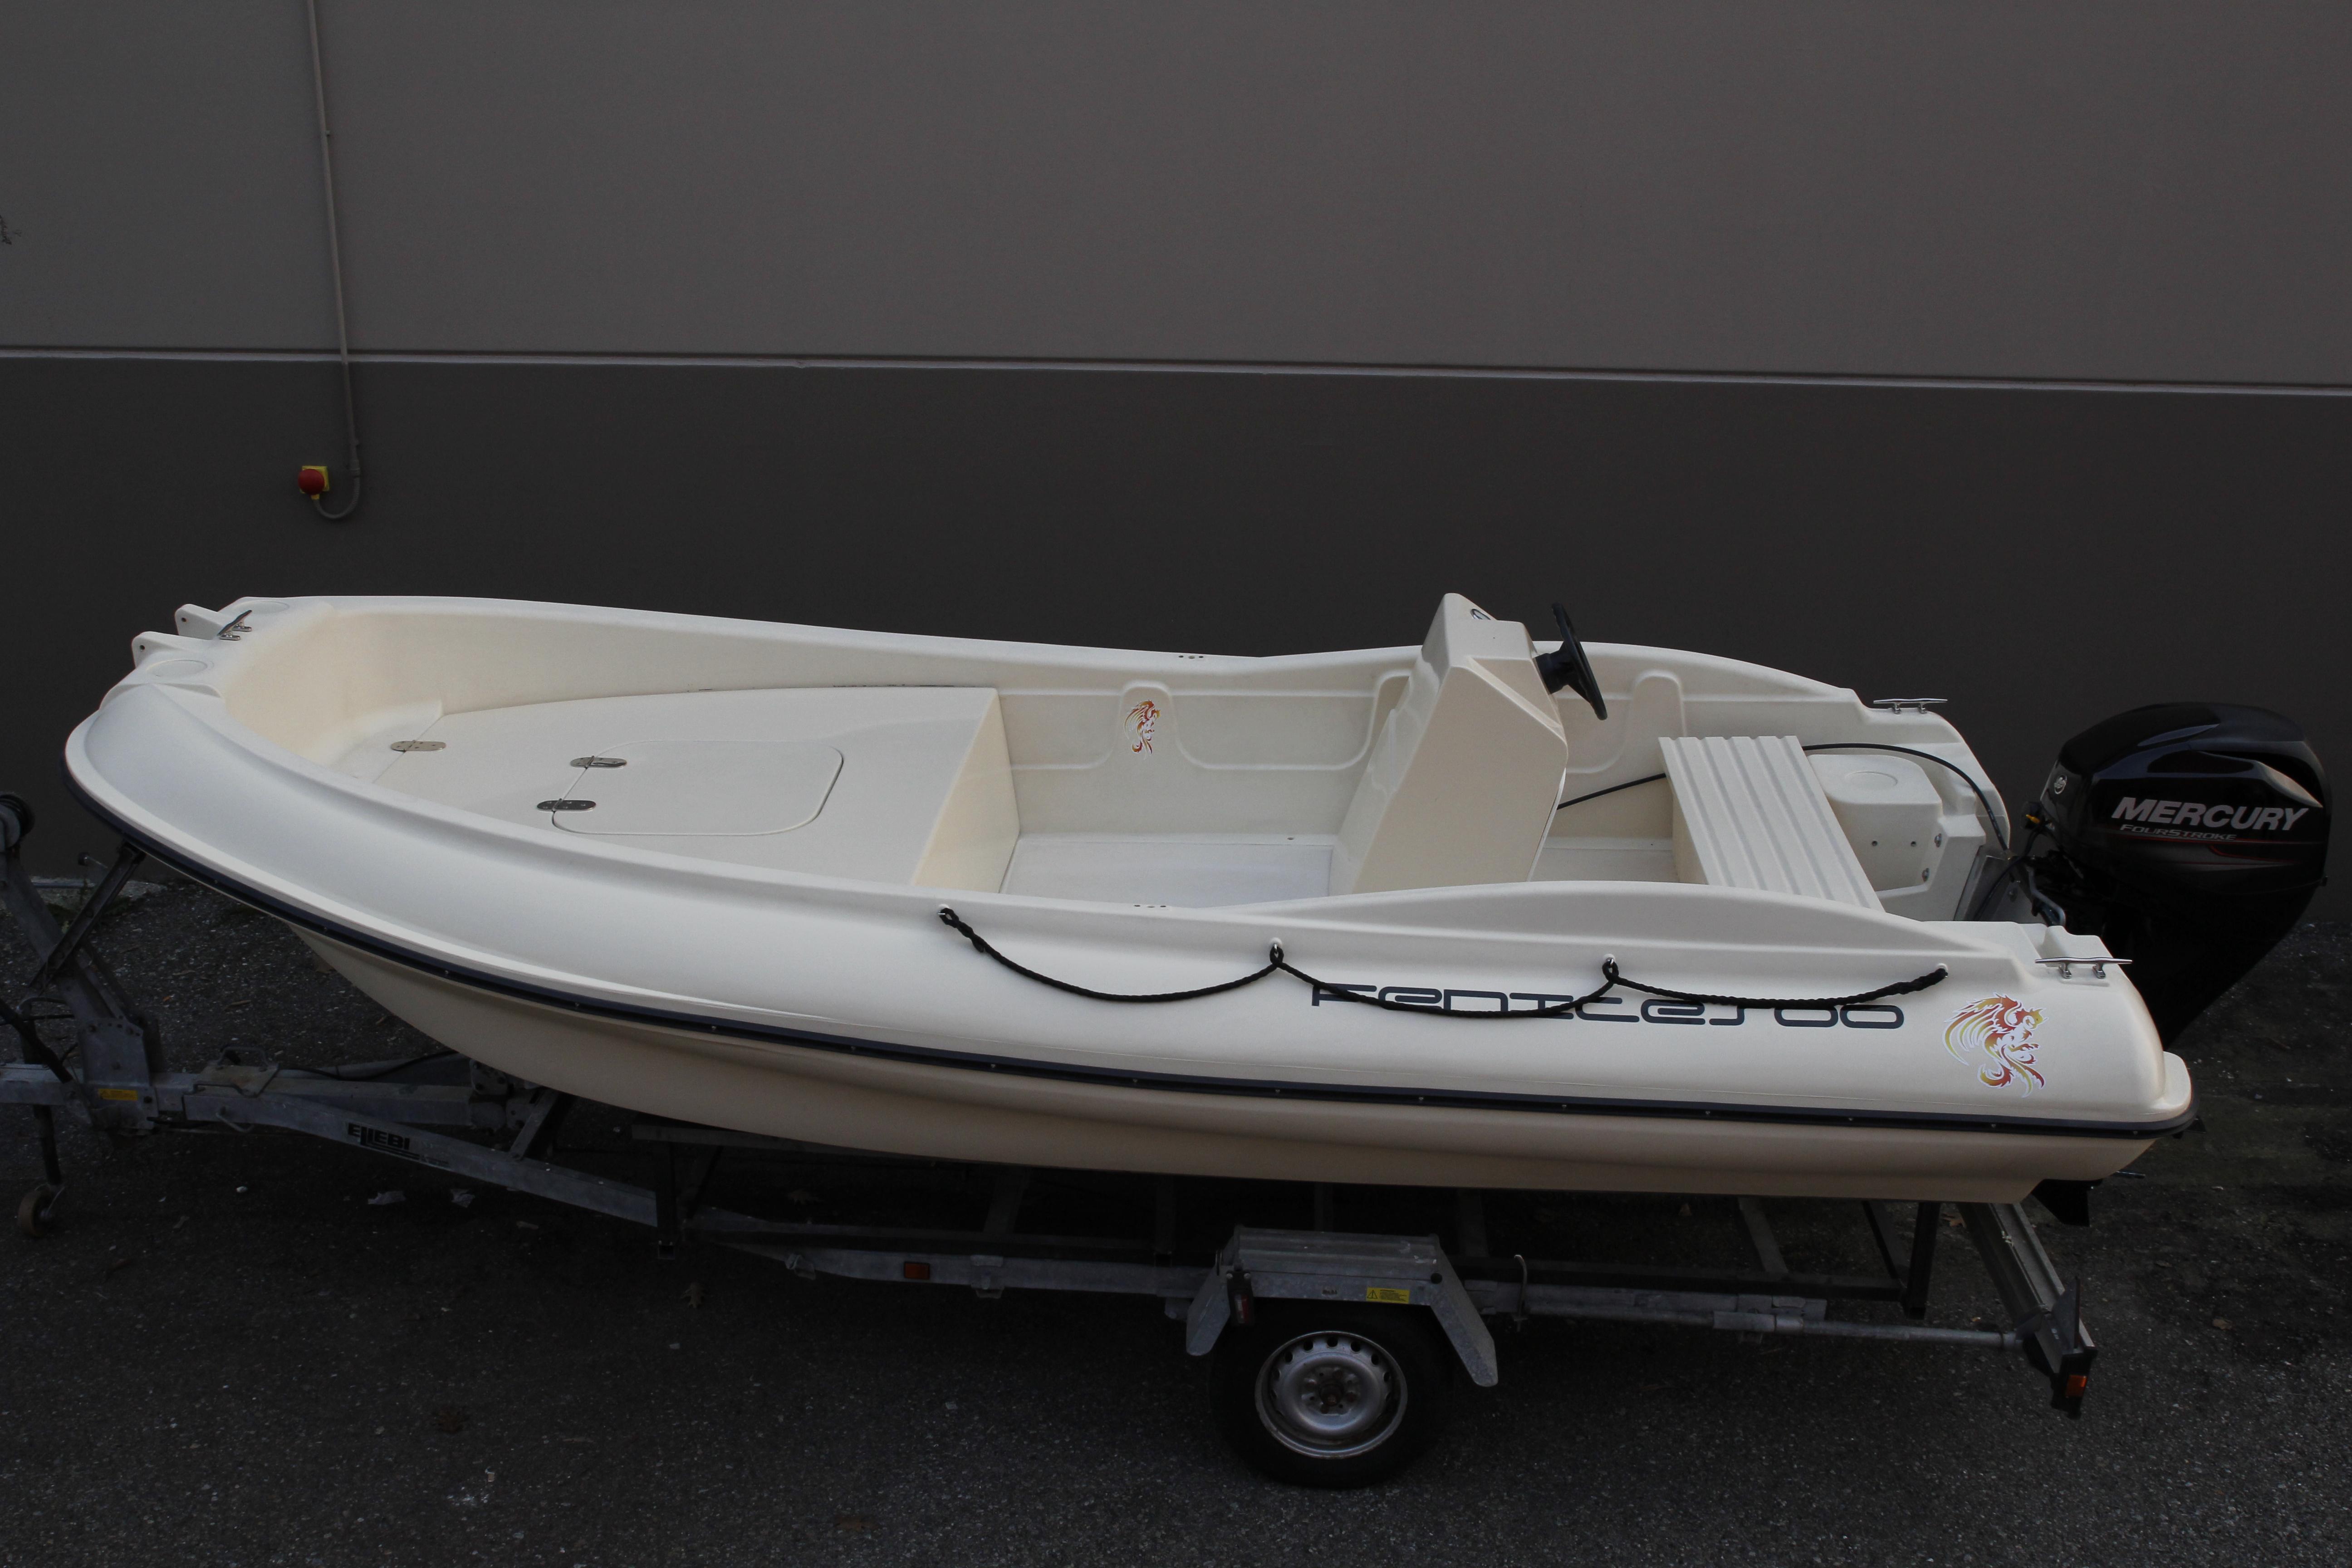 FENICE 500, la barca inaffondabile!